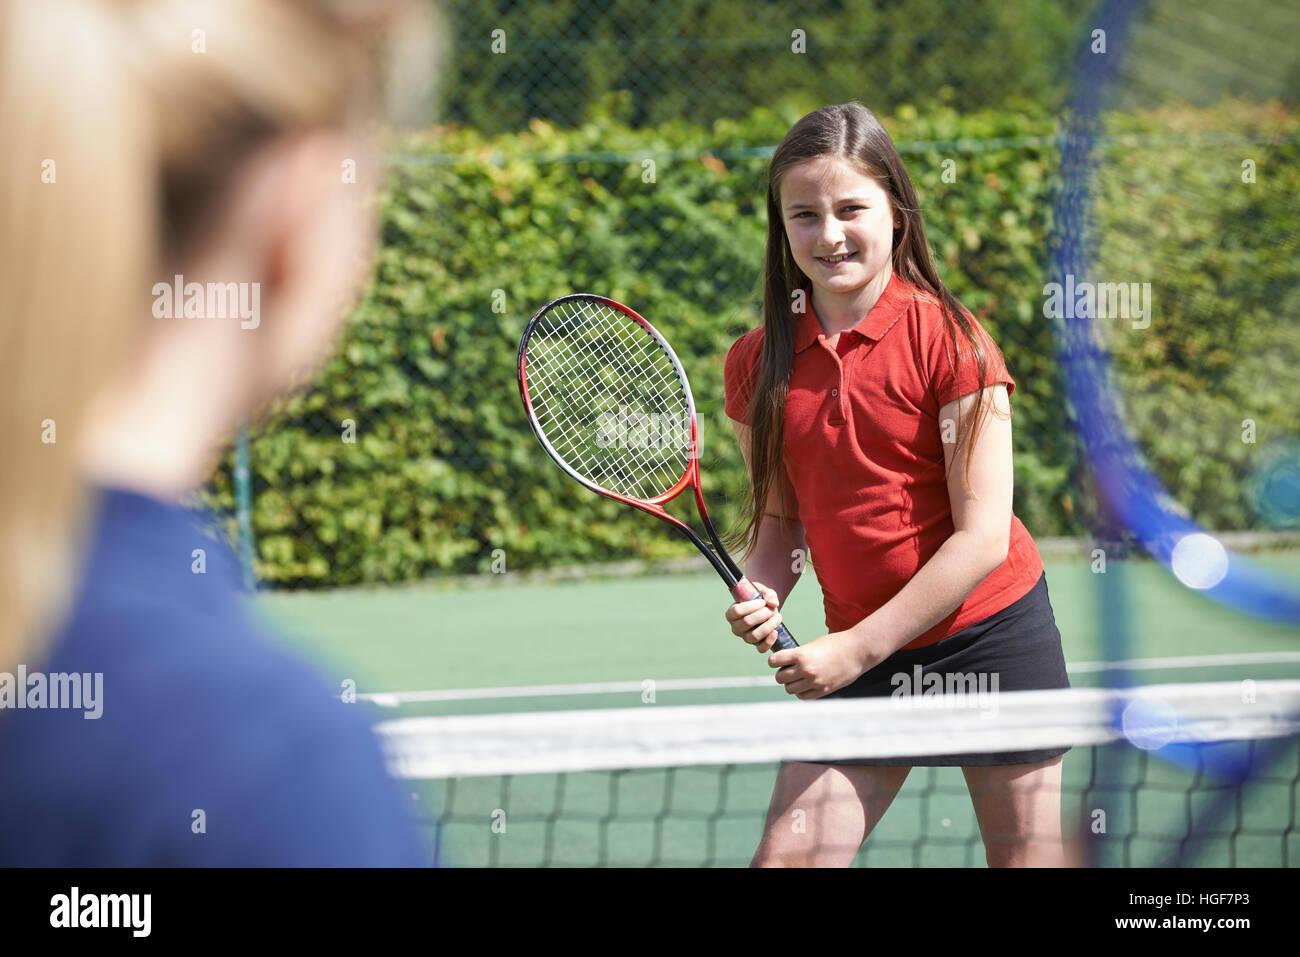 Entraîneur de tennis féminin donnant Leçon à Girl Photo Stock